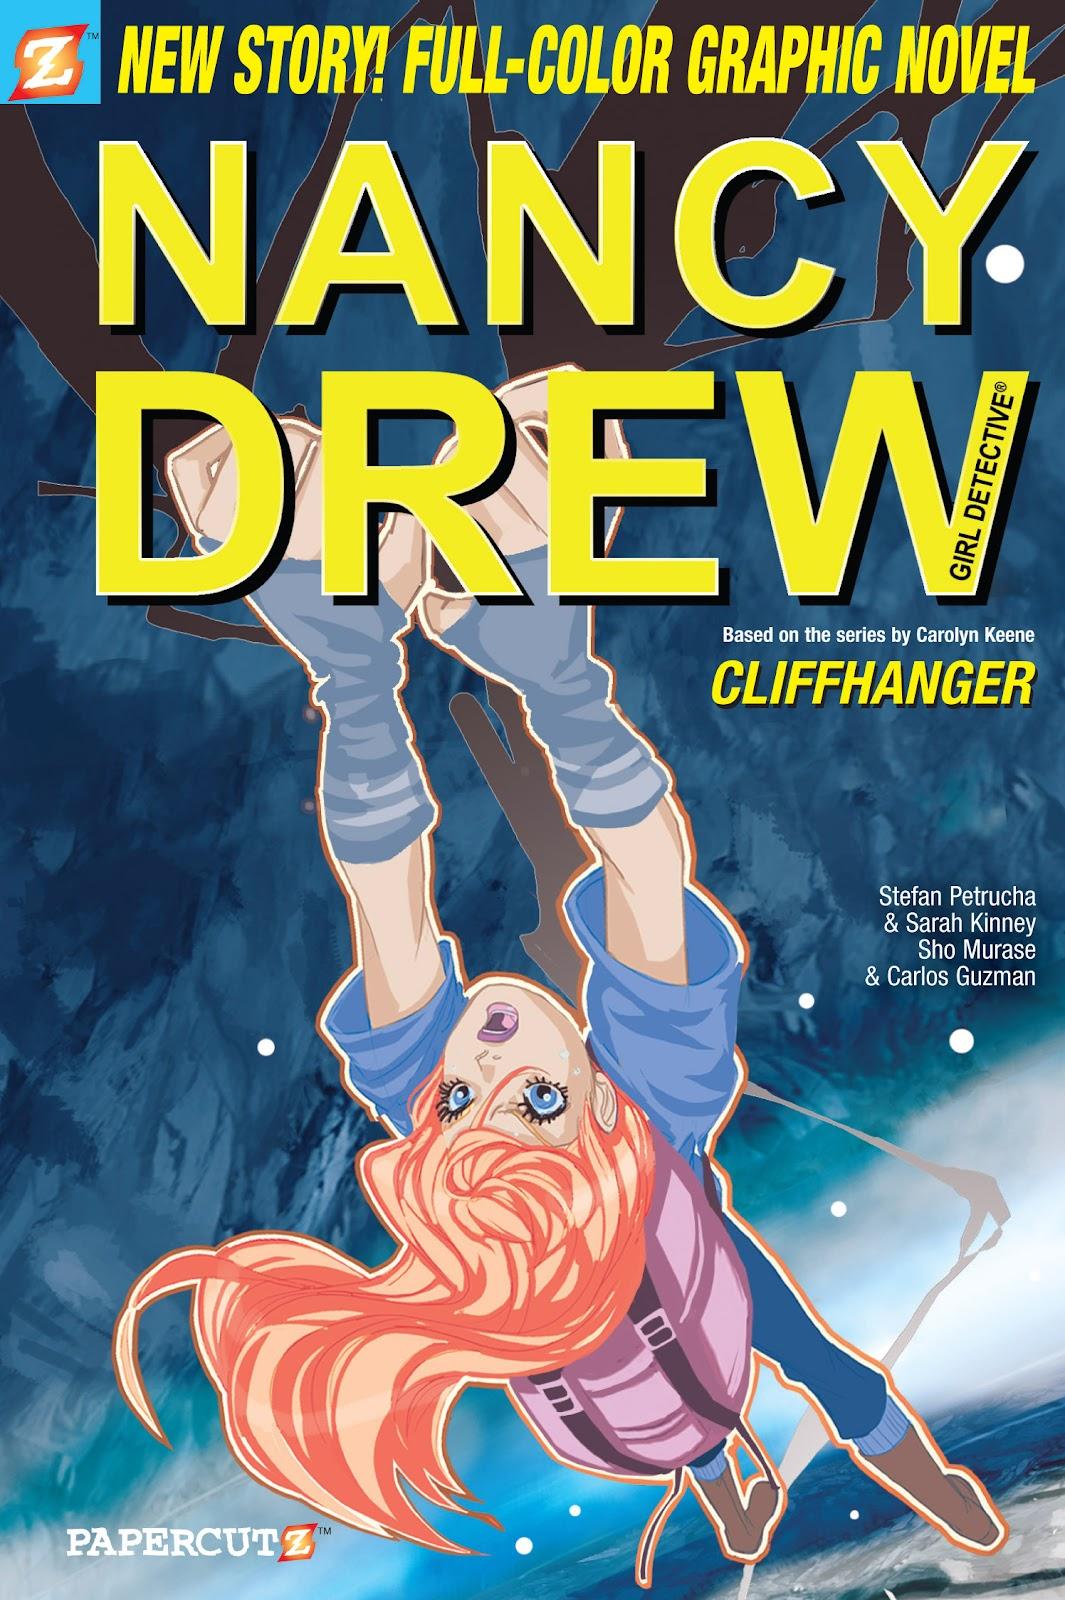 Read online Nancy Drew comic -  Issue #19 - 1